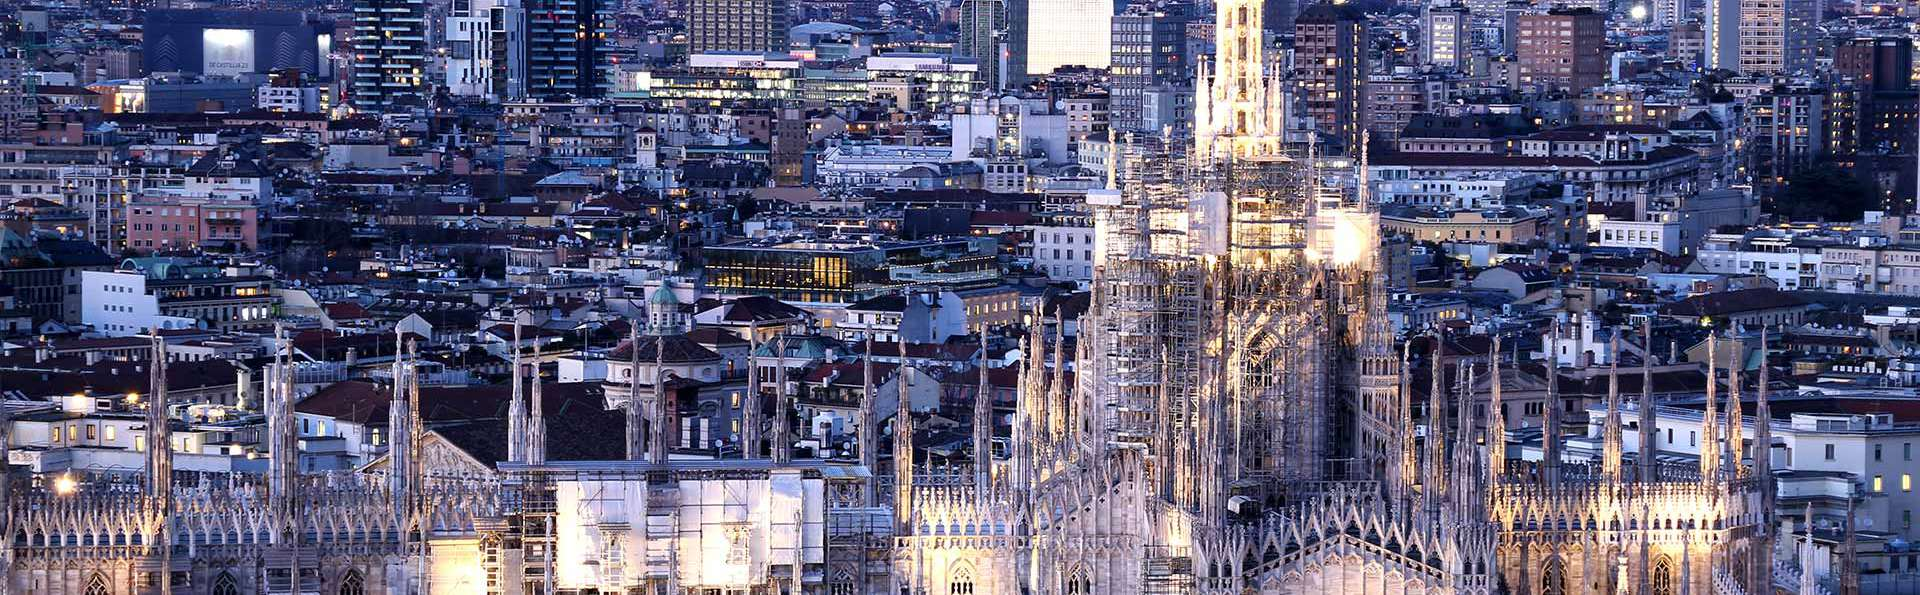 Hotel Michelangelo - EDIT_DESTINATION_04.jpg